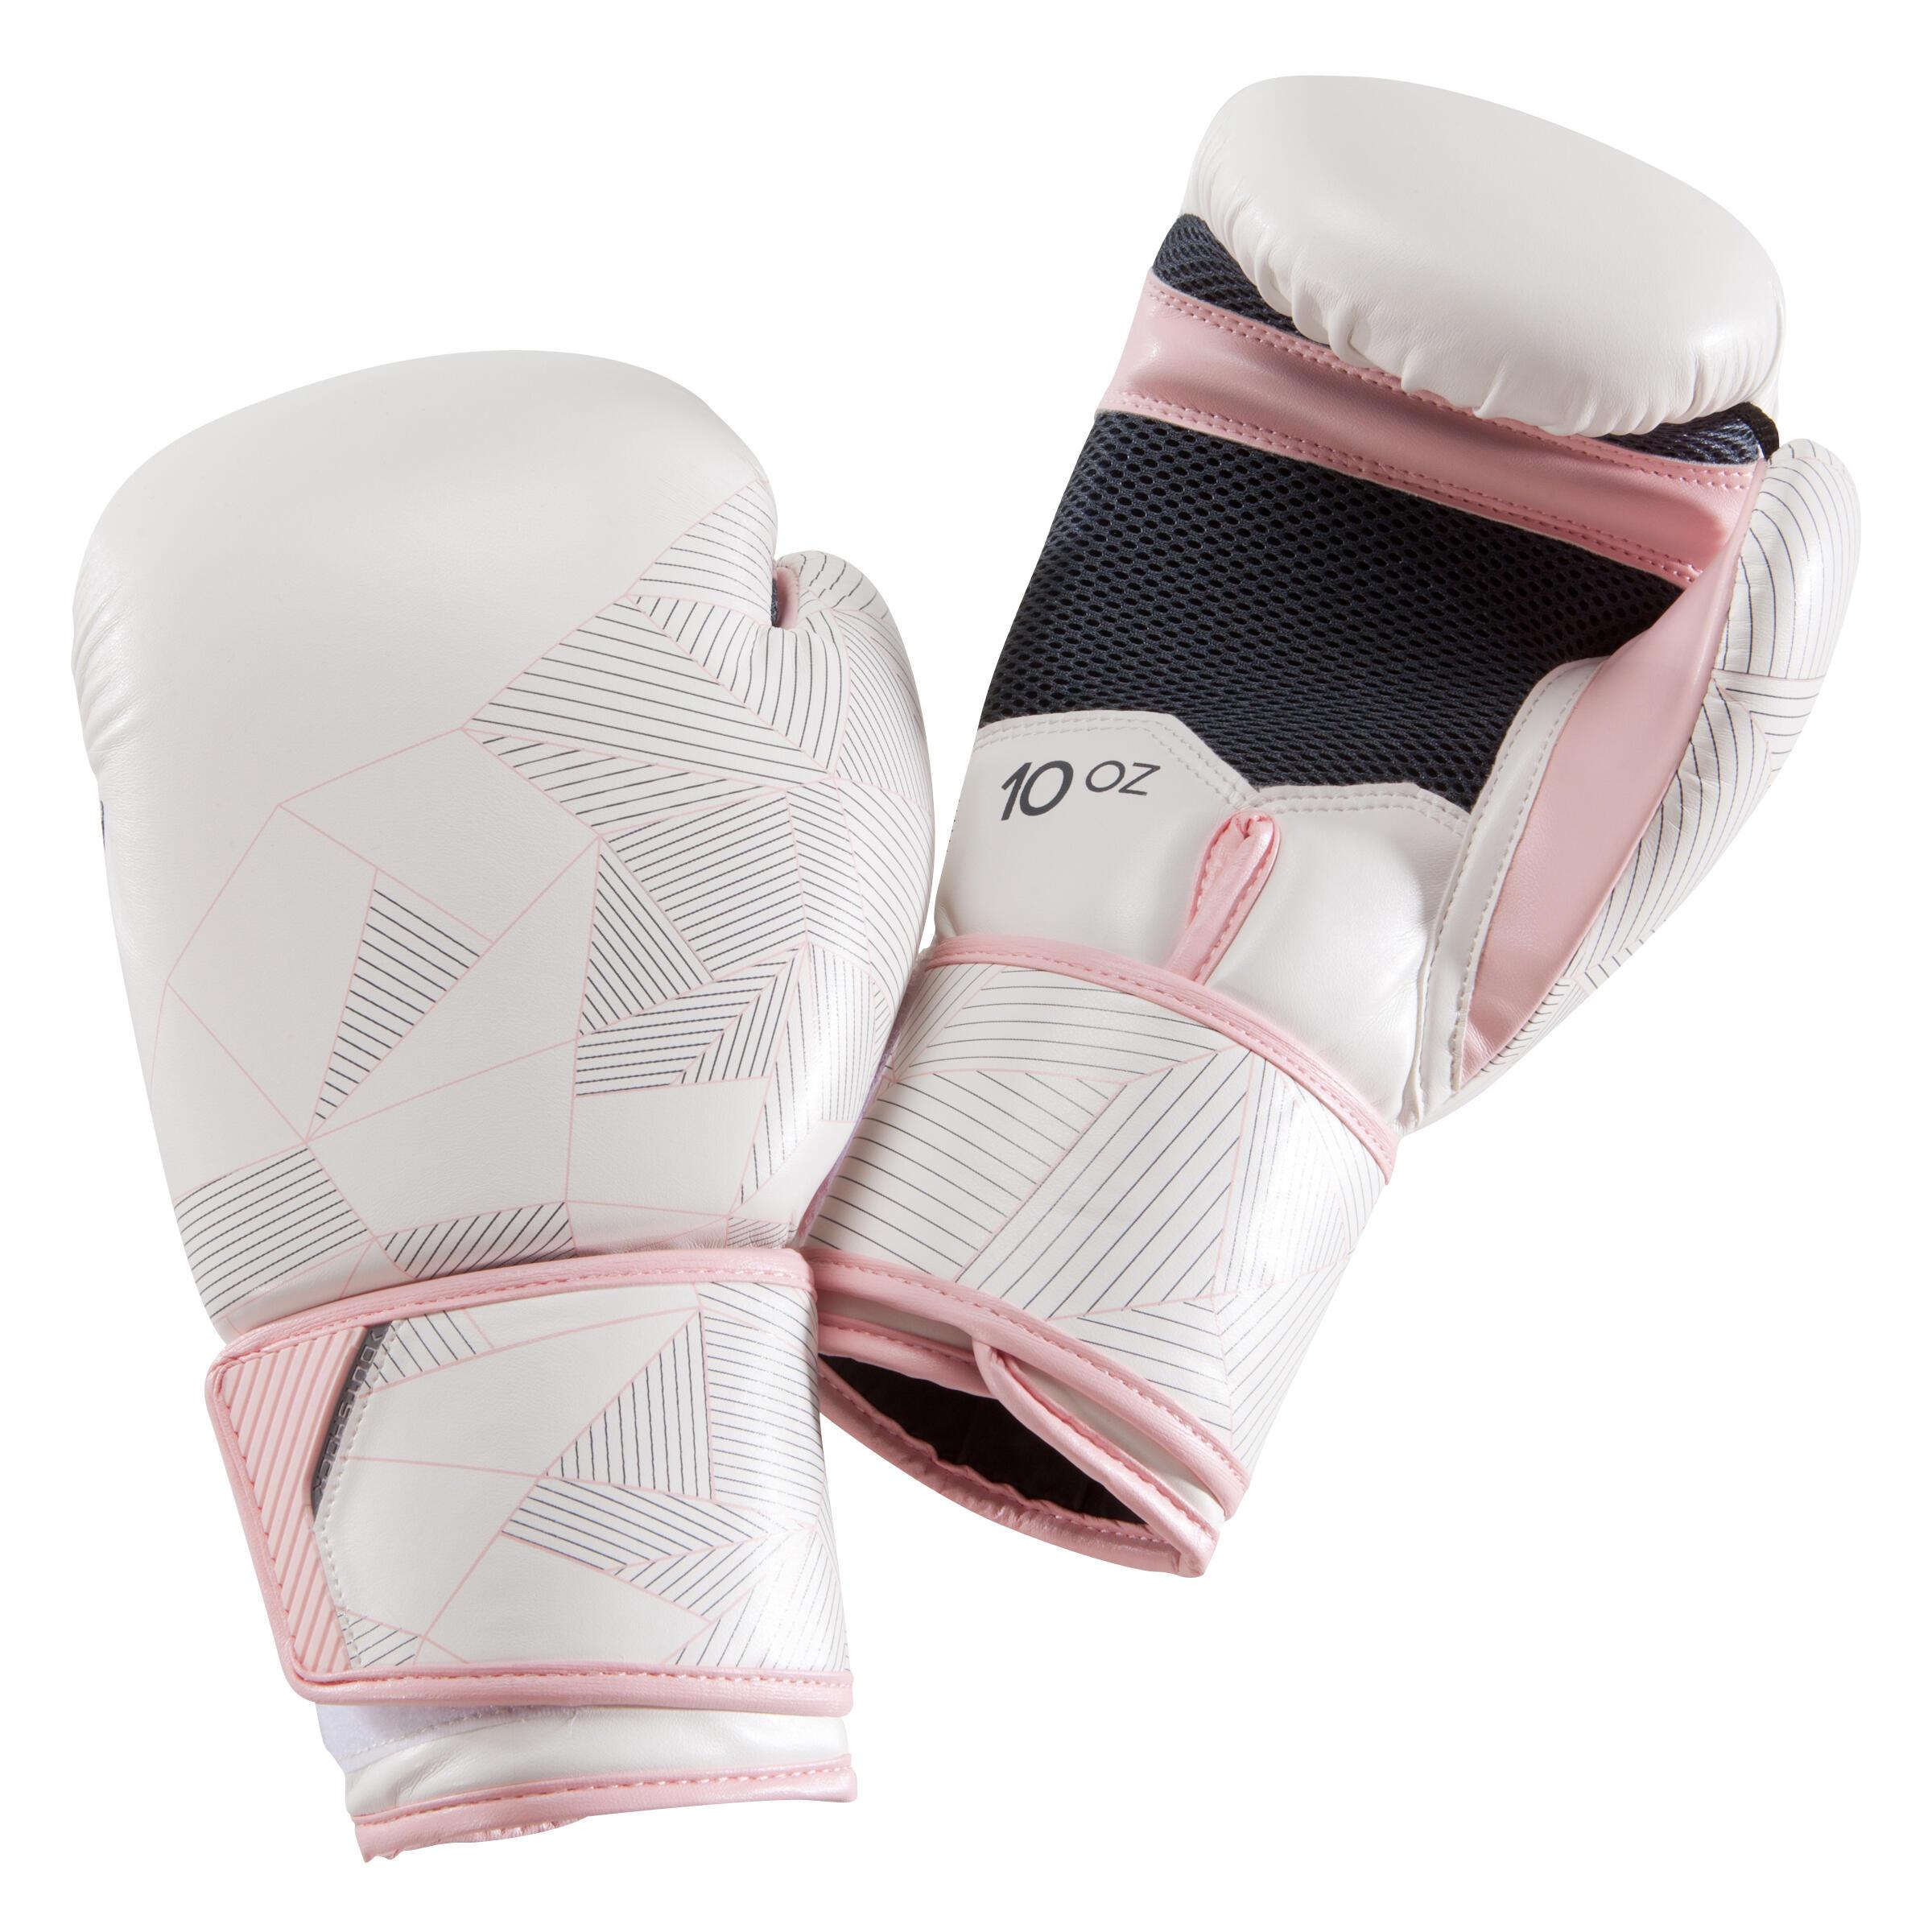 Boxhandschuhe 300 Erwachsene weiß/rosa | Accessoires > Handschuhe | Weiß - Rosa | Outshock